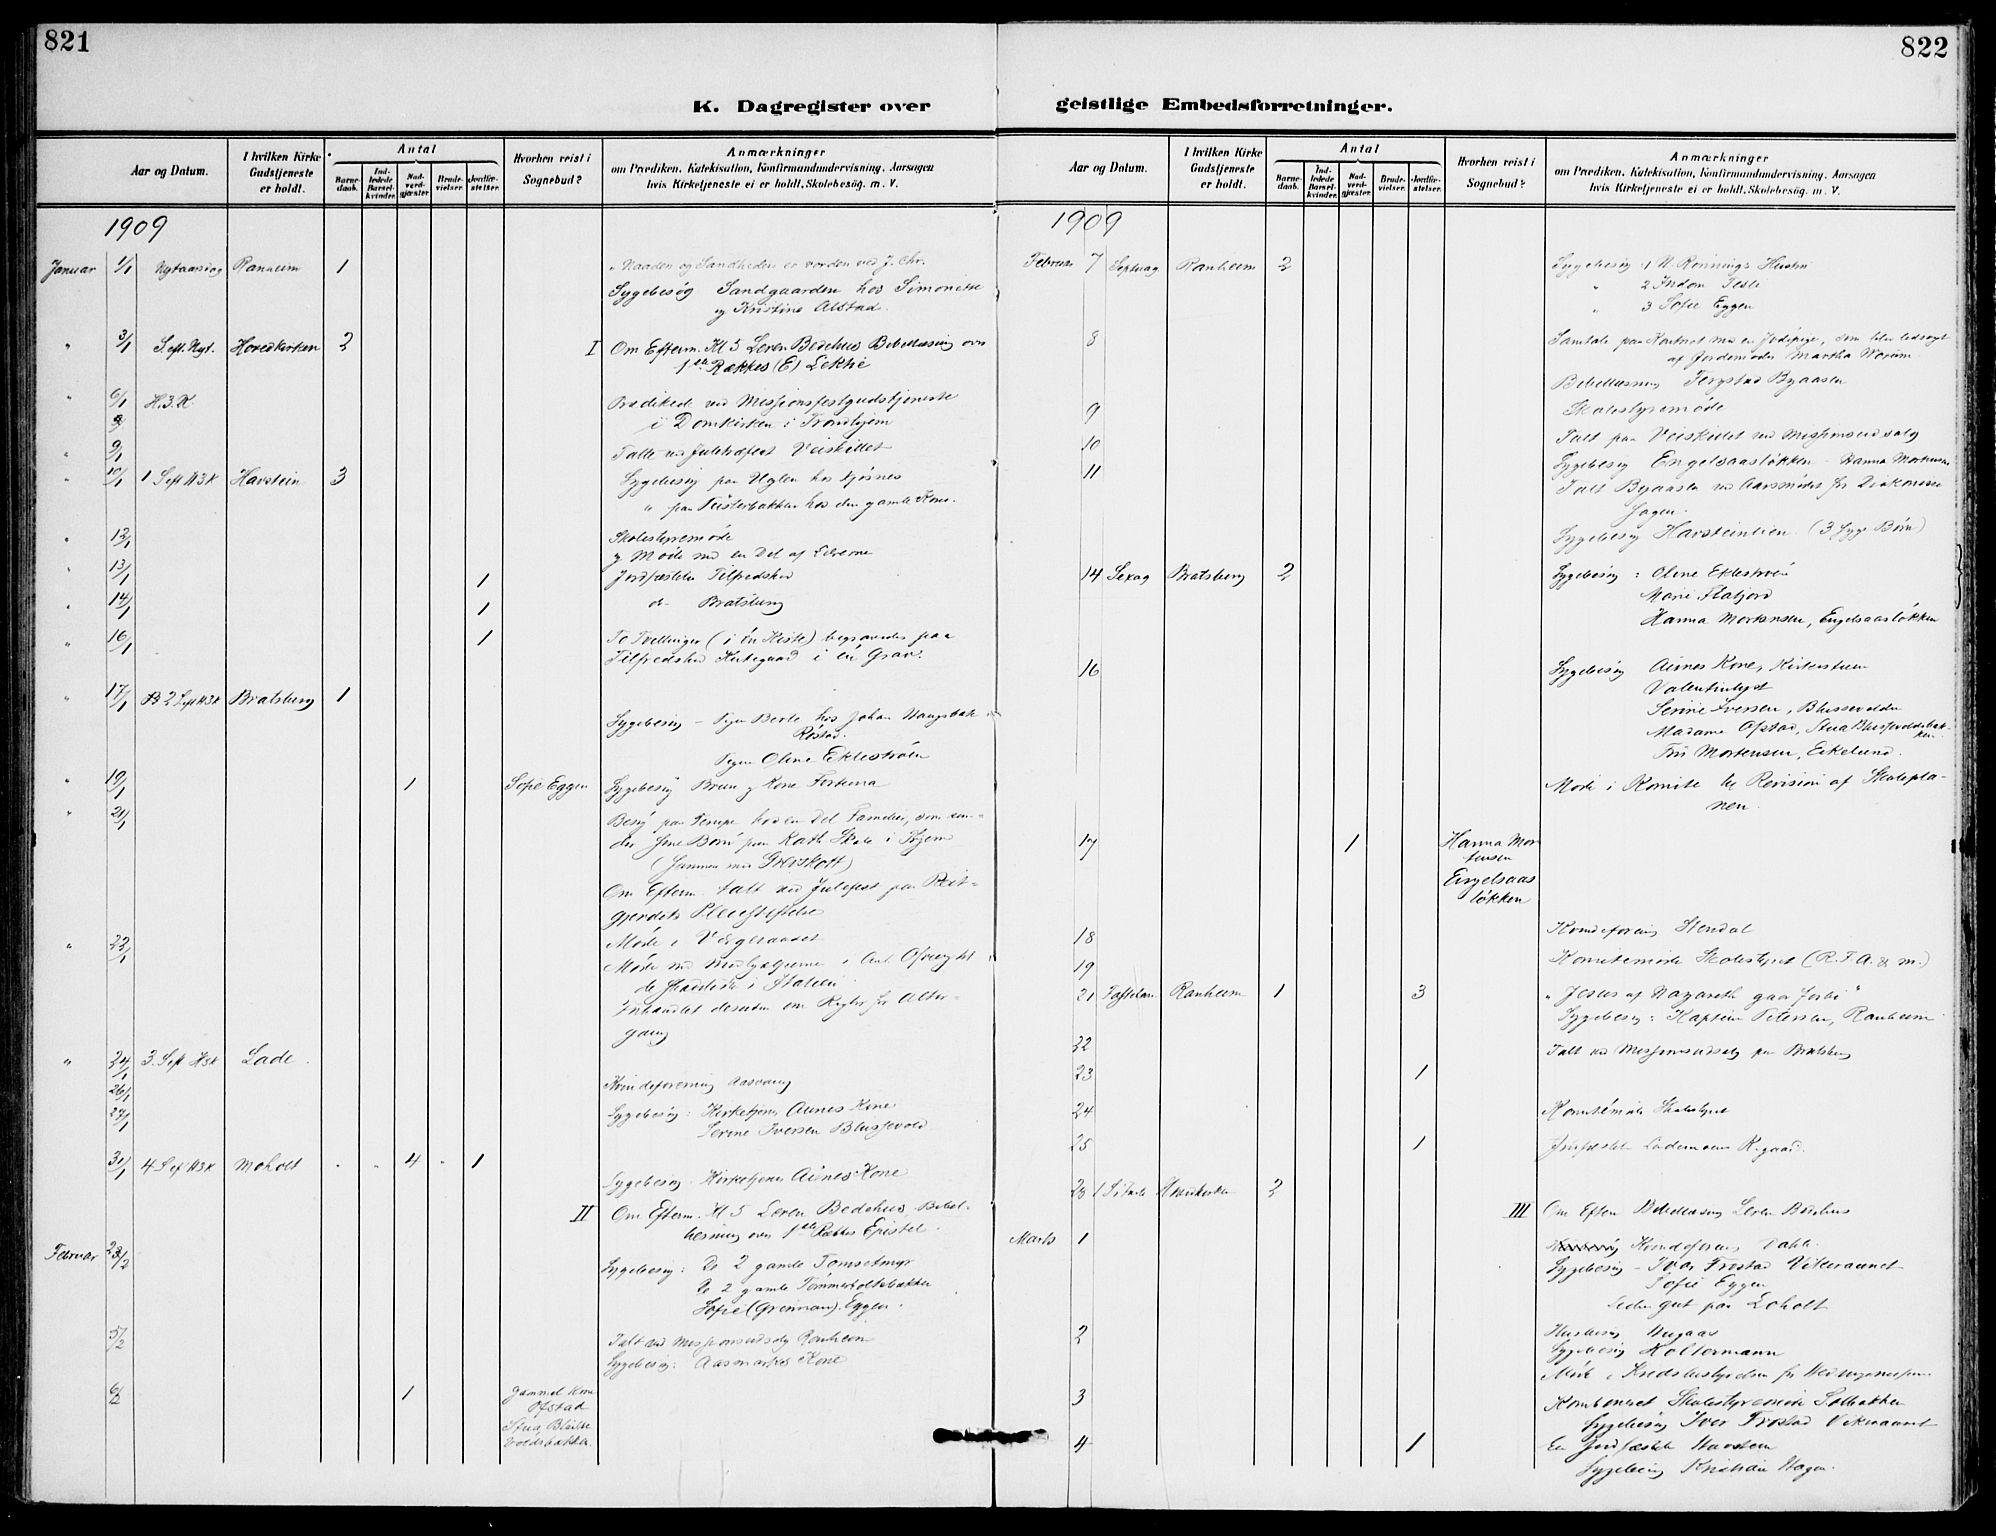 SAT, Ministerialprotokoller, klokkerbøker og fødselsregistre - Sør-Trøndelag, 607/L0320: Ministerialbok nr. 607A04, 1907-1915, s. 821-822